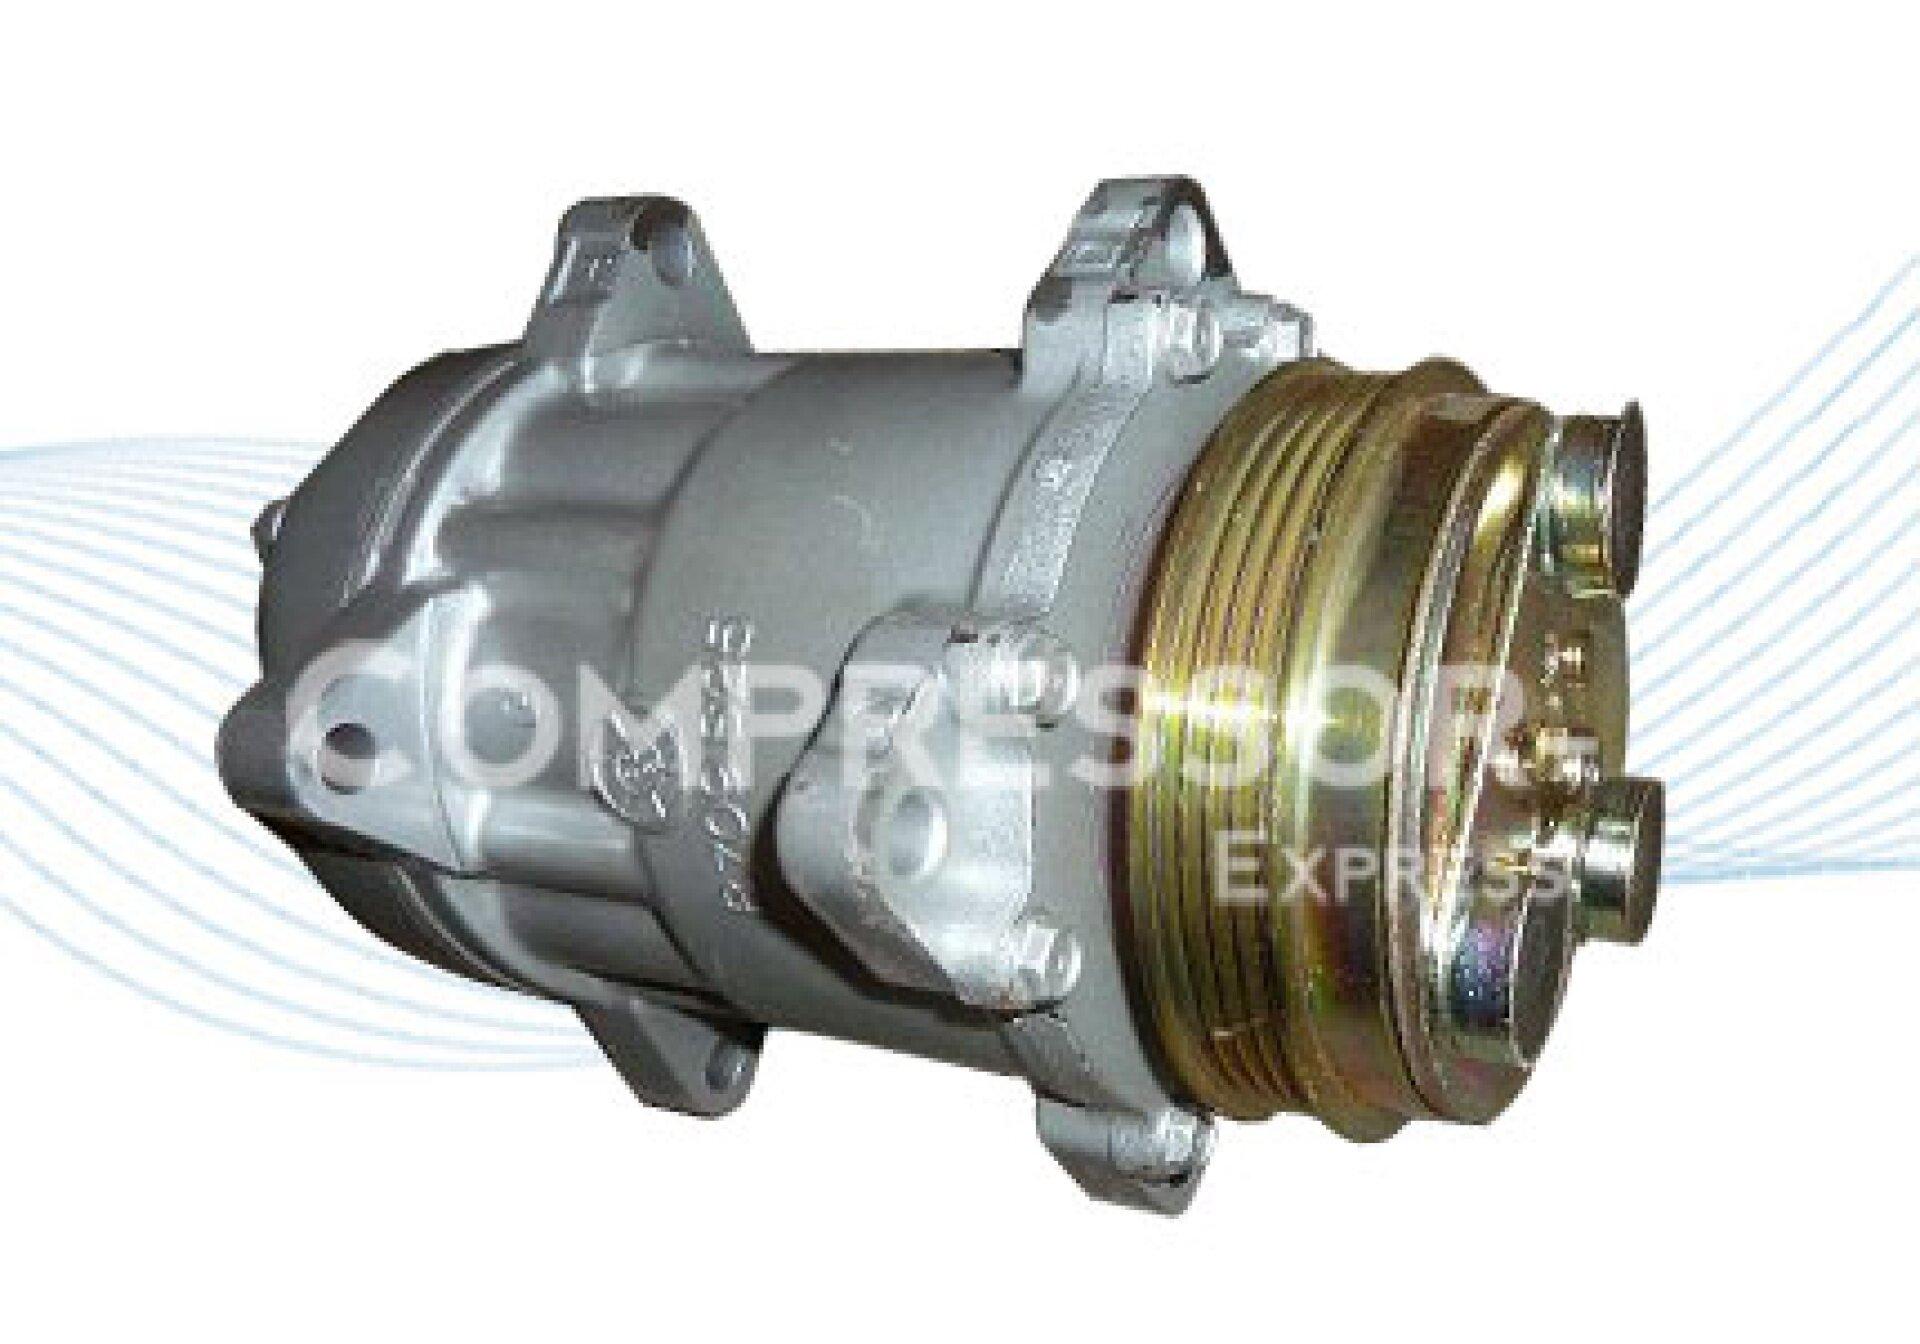 Sanden 709 compresor de aire acondicionado 7410 6025107881 for Compresor de aire acondicionado